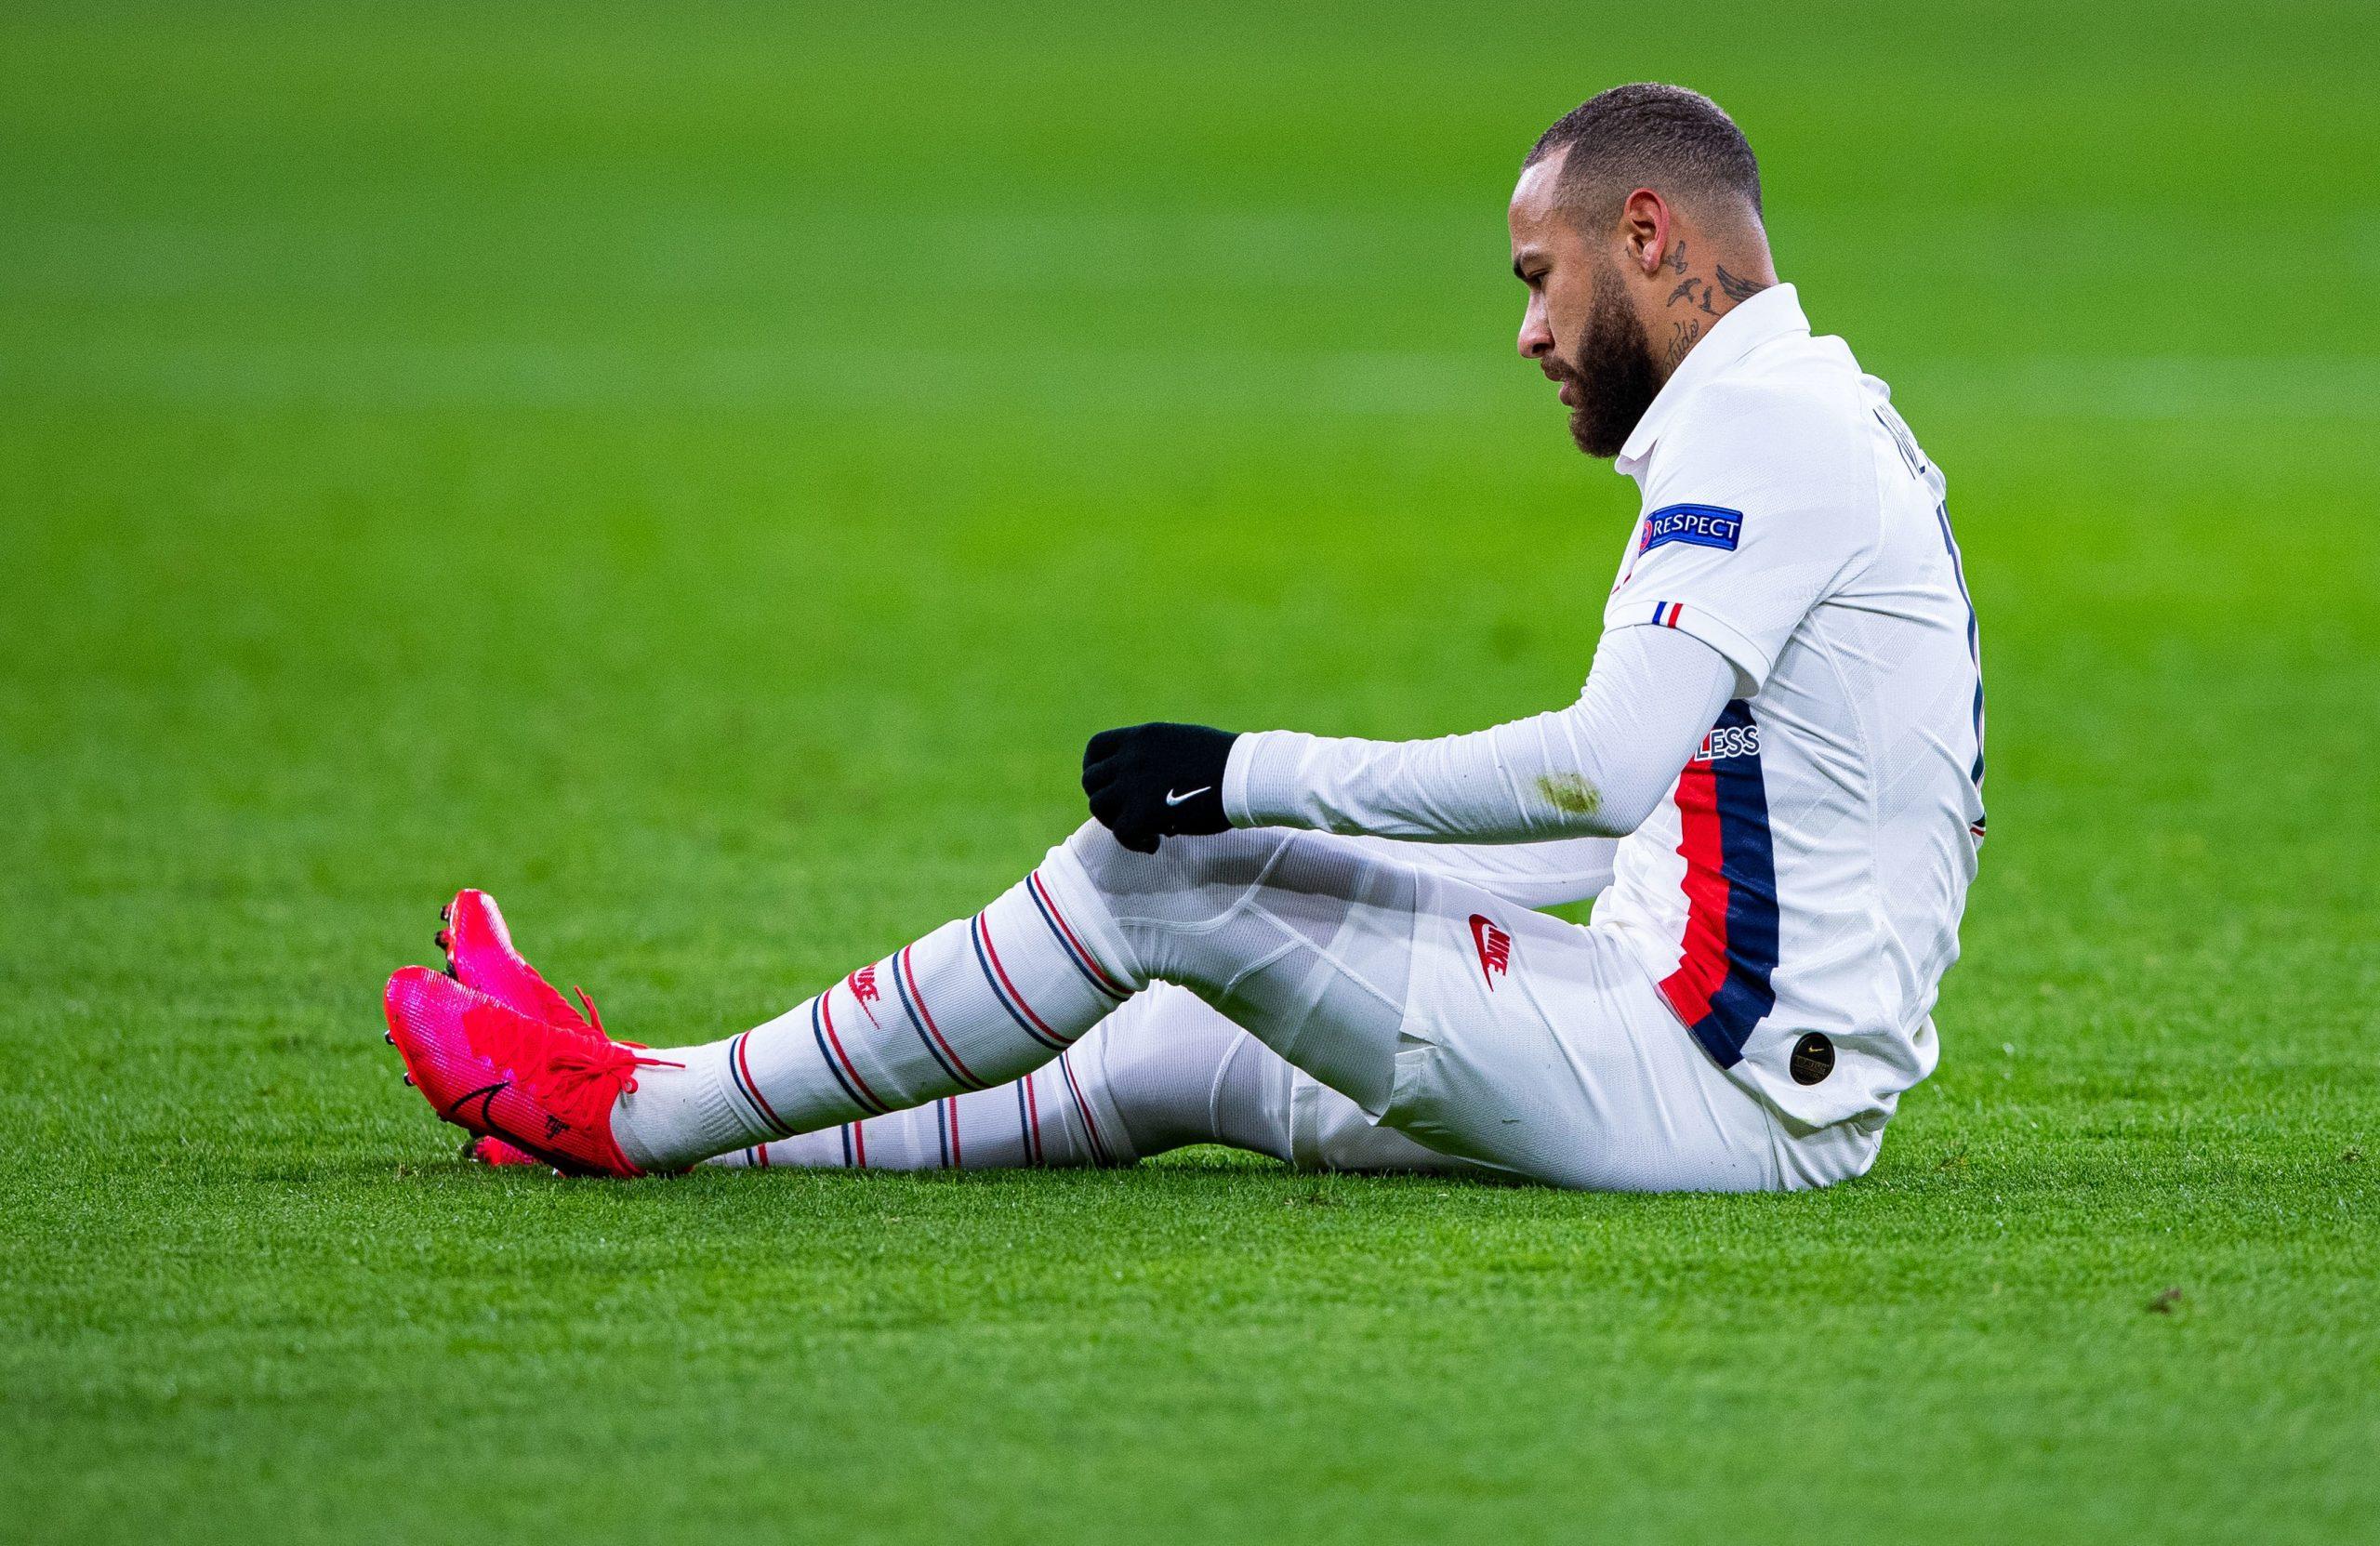 Neymar et Tuchel ont voulu qu'il rejoue avant Dortmund, Leonardo «a refusé» selon Téléfoot